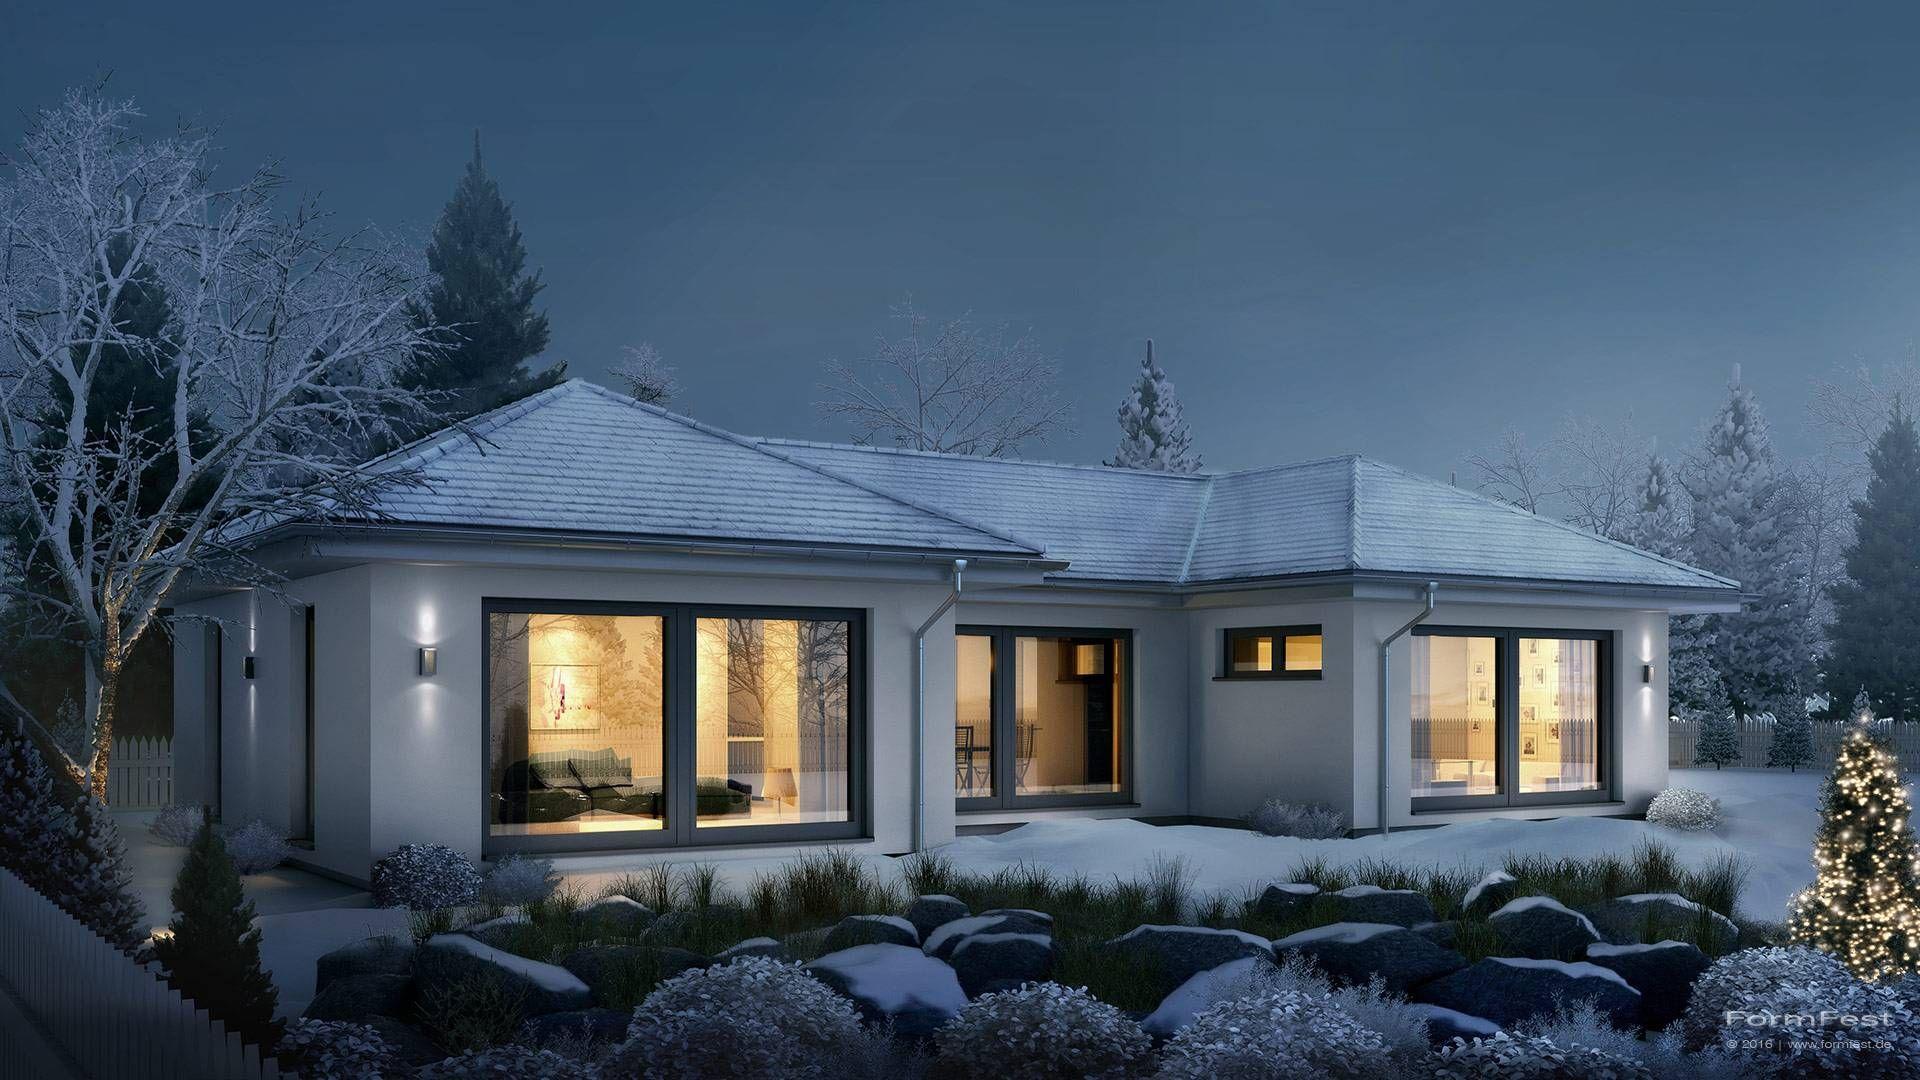 Pin Von Angelika Sz Auf Bungalow: Einfamilienhäuser